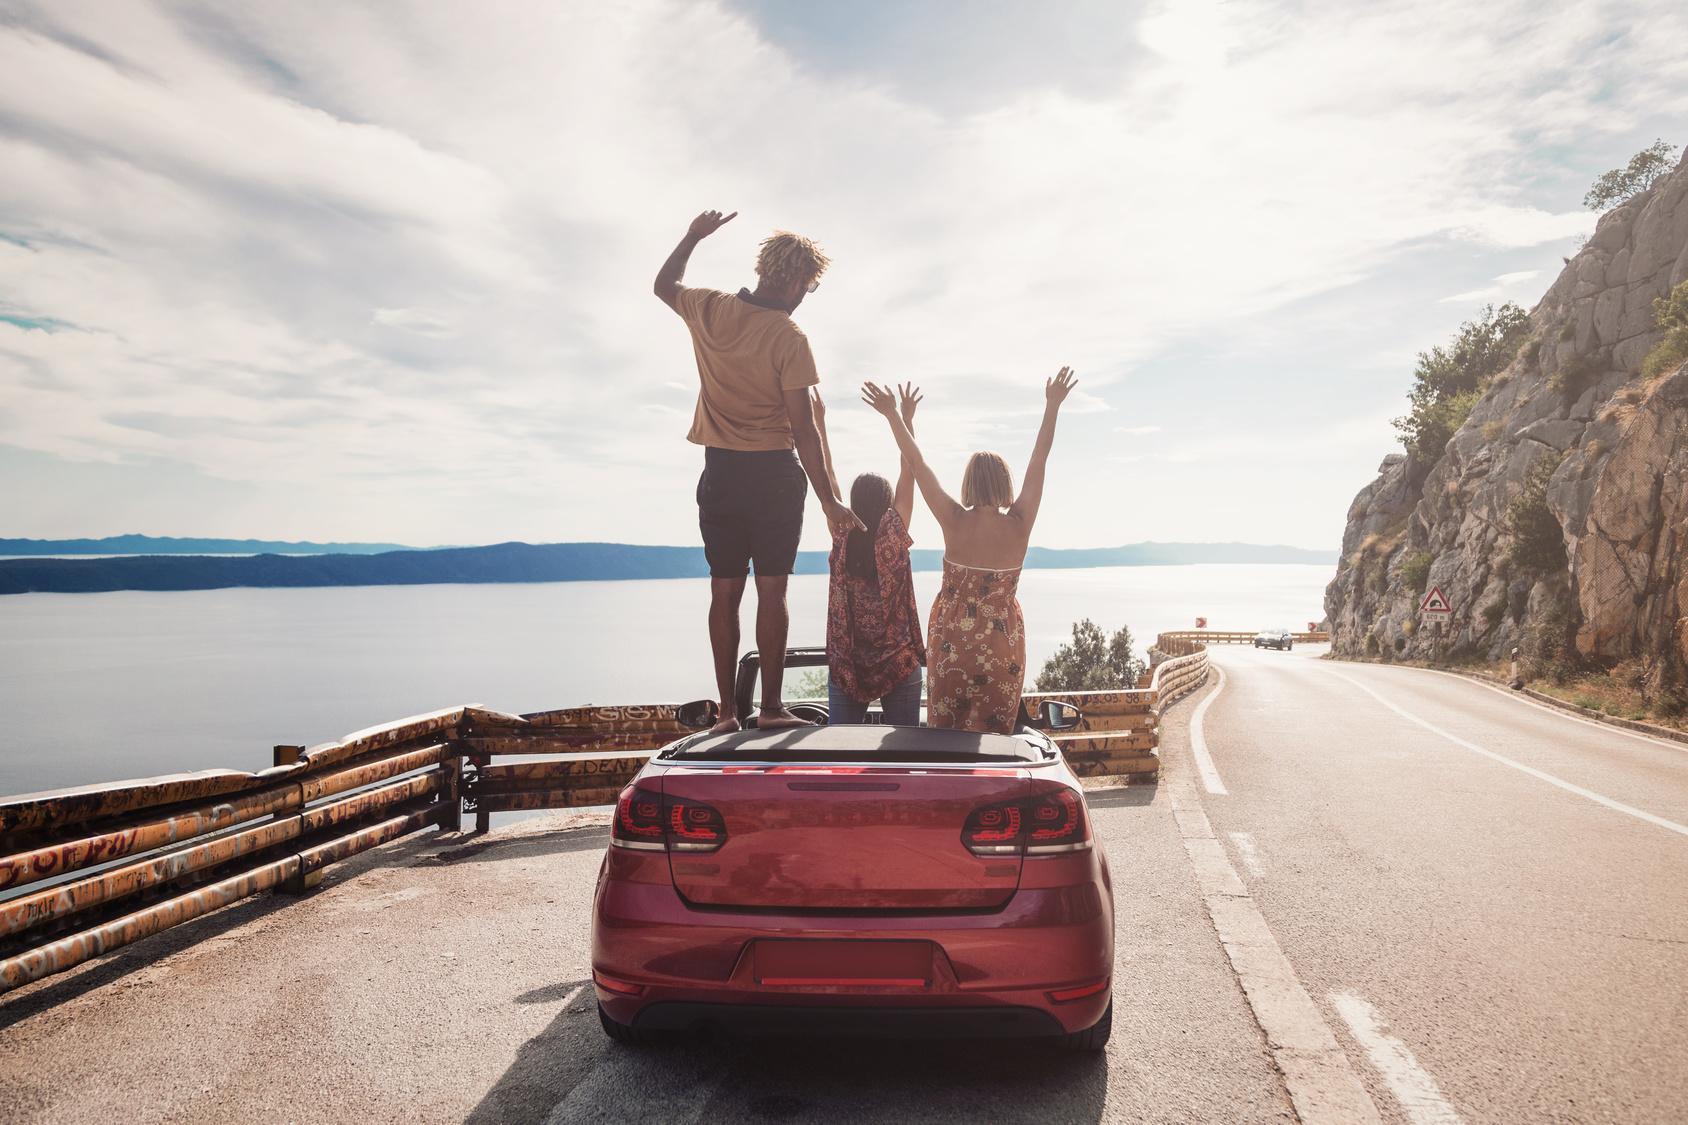 viajar-bem-e-barato